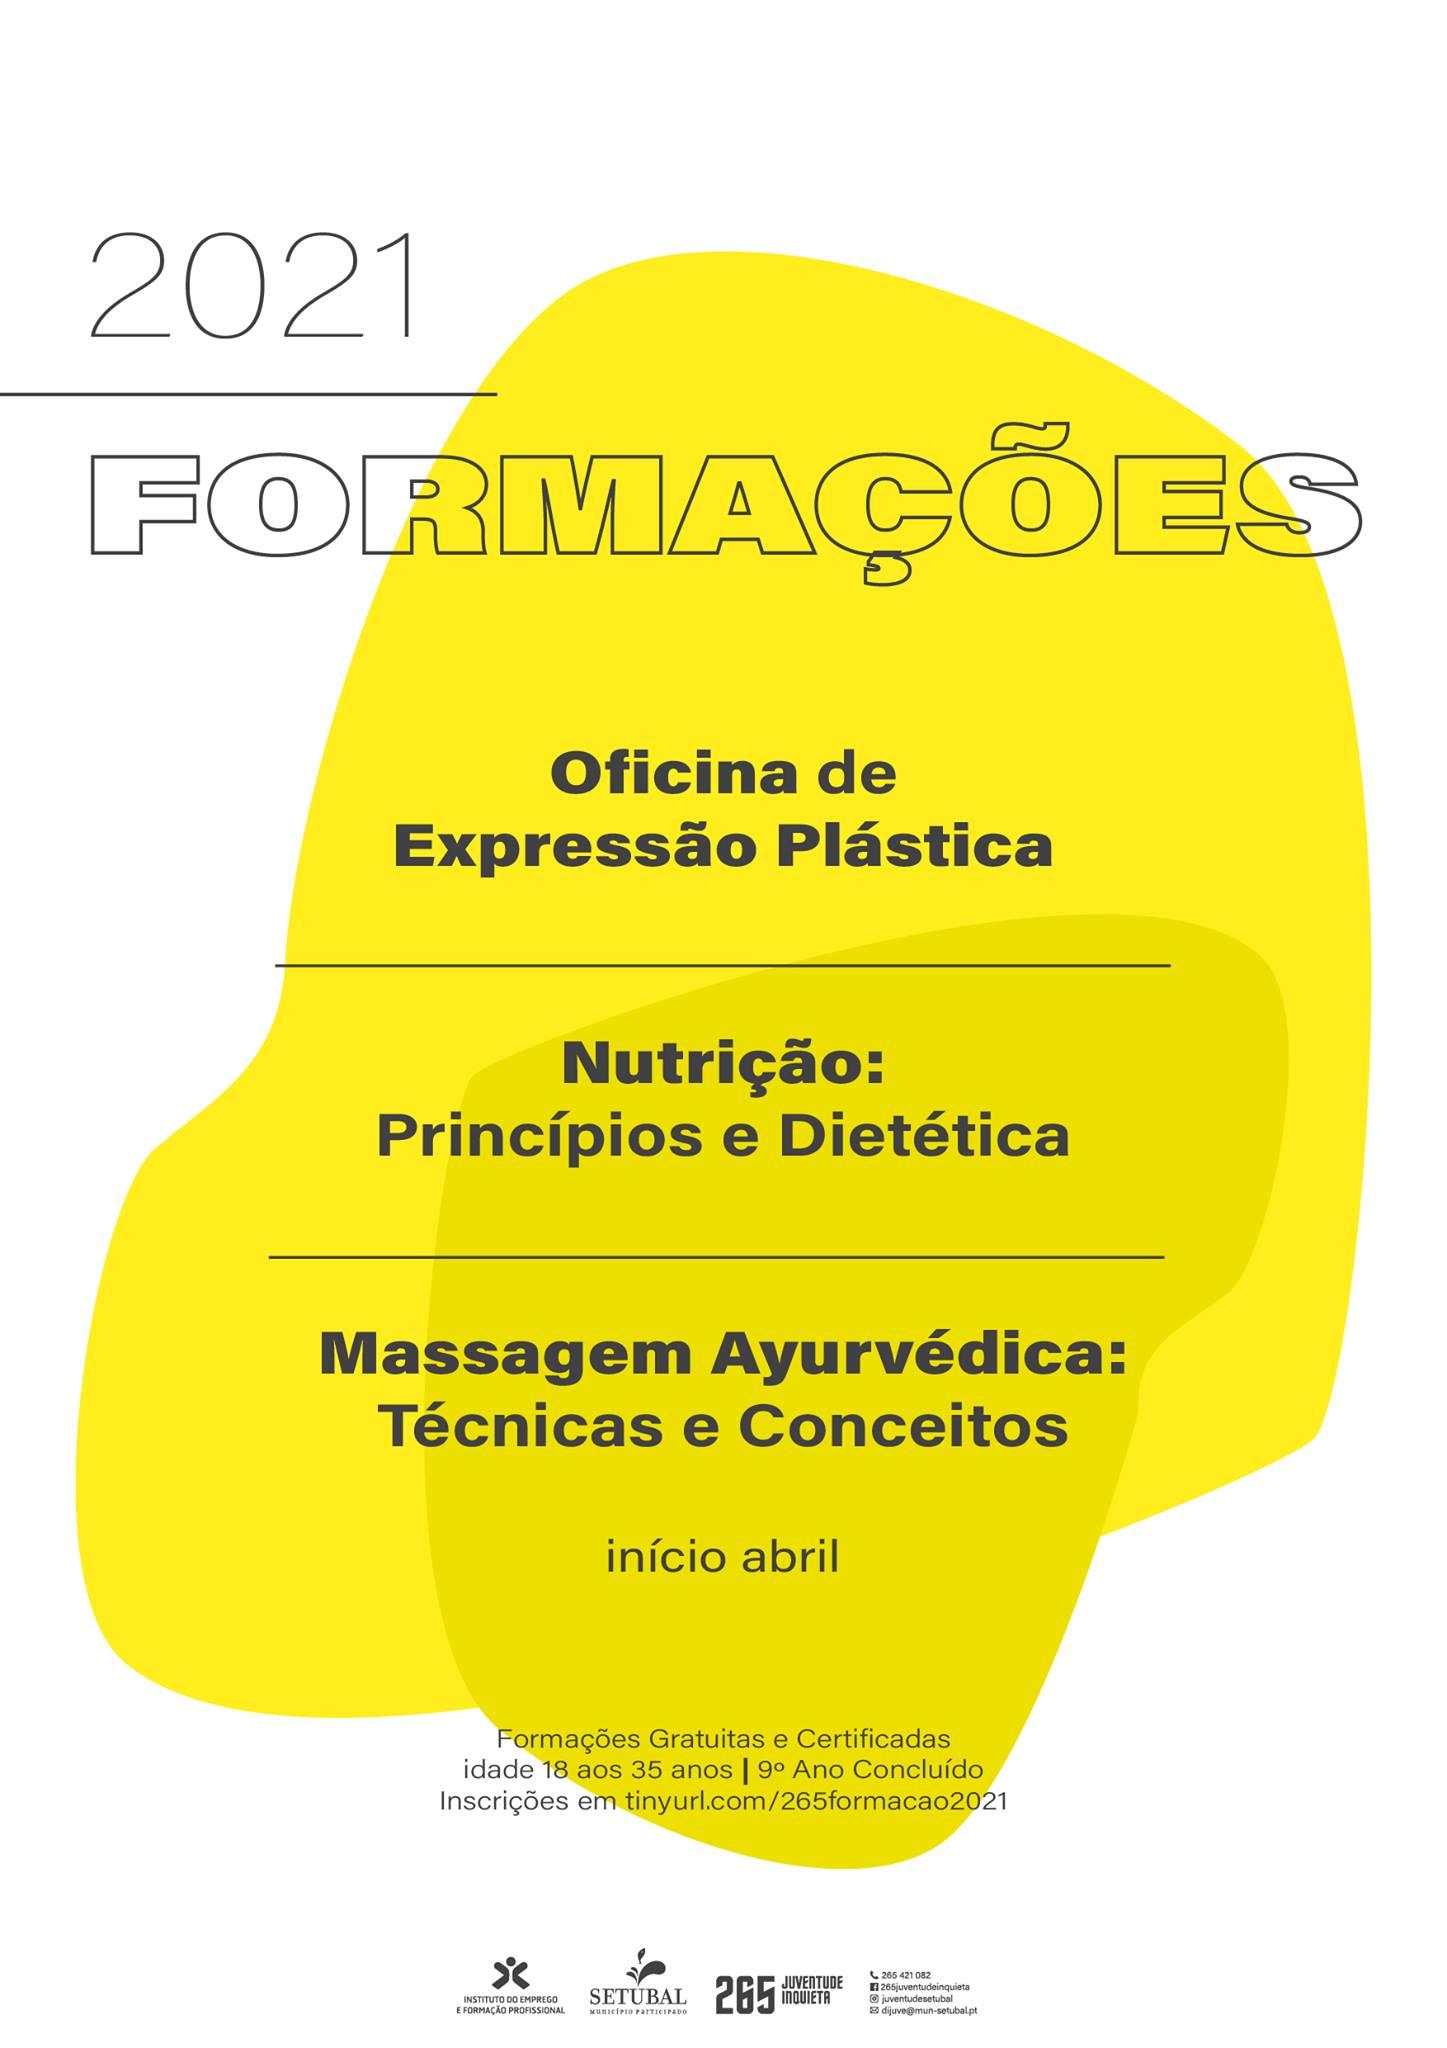 Formações 2021: Nutrição - Princípios e Dietética